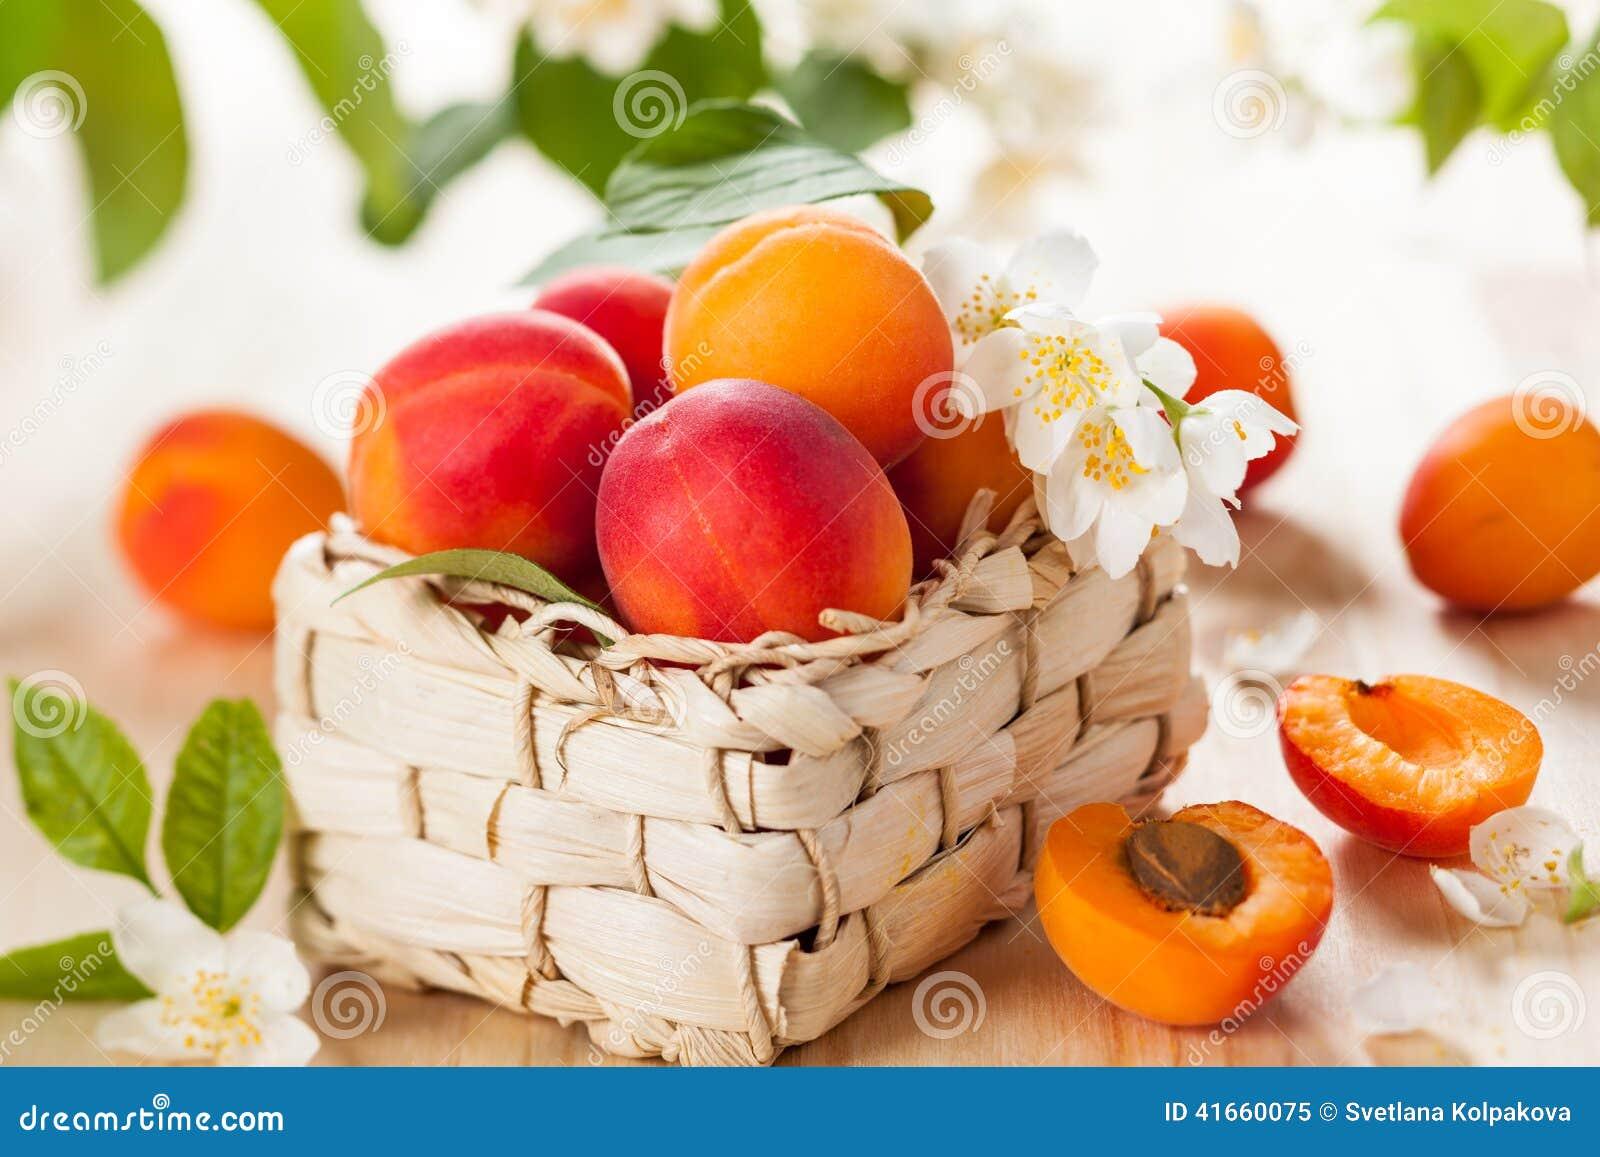 Свежие абрикосы